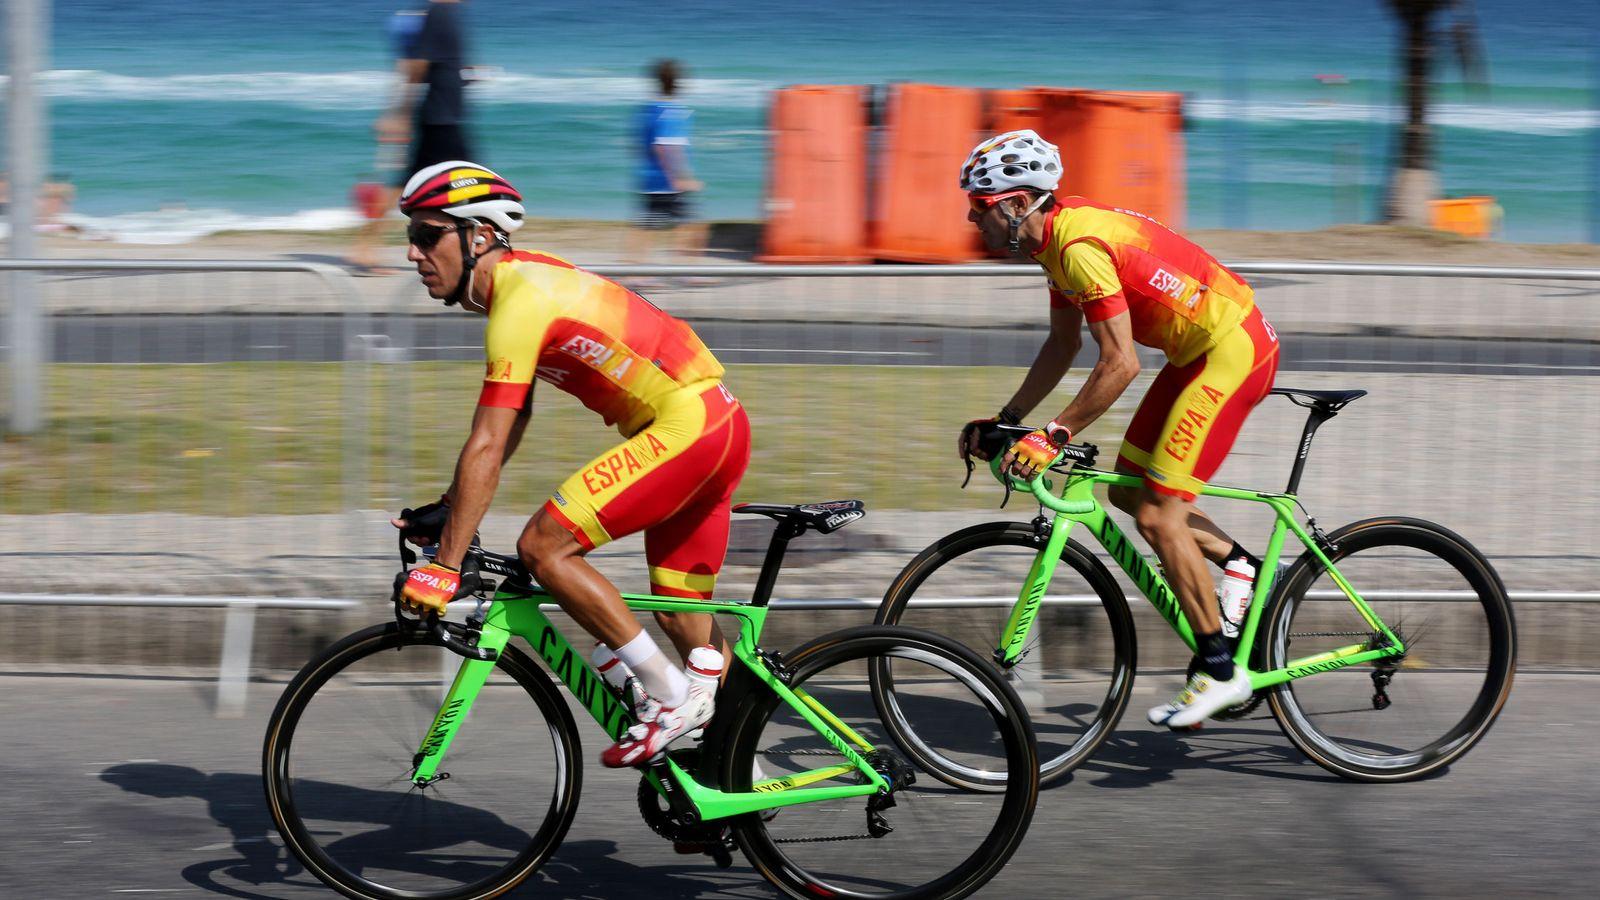 Foto: Entrenamiento equipo de ciclismo de ruta espaÑol